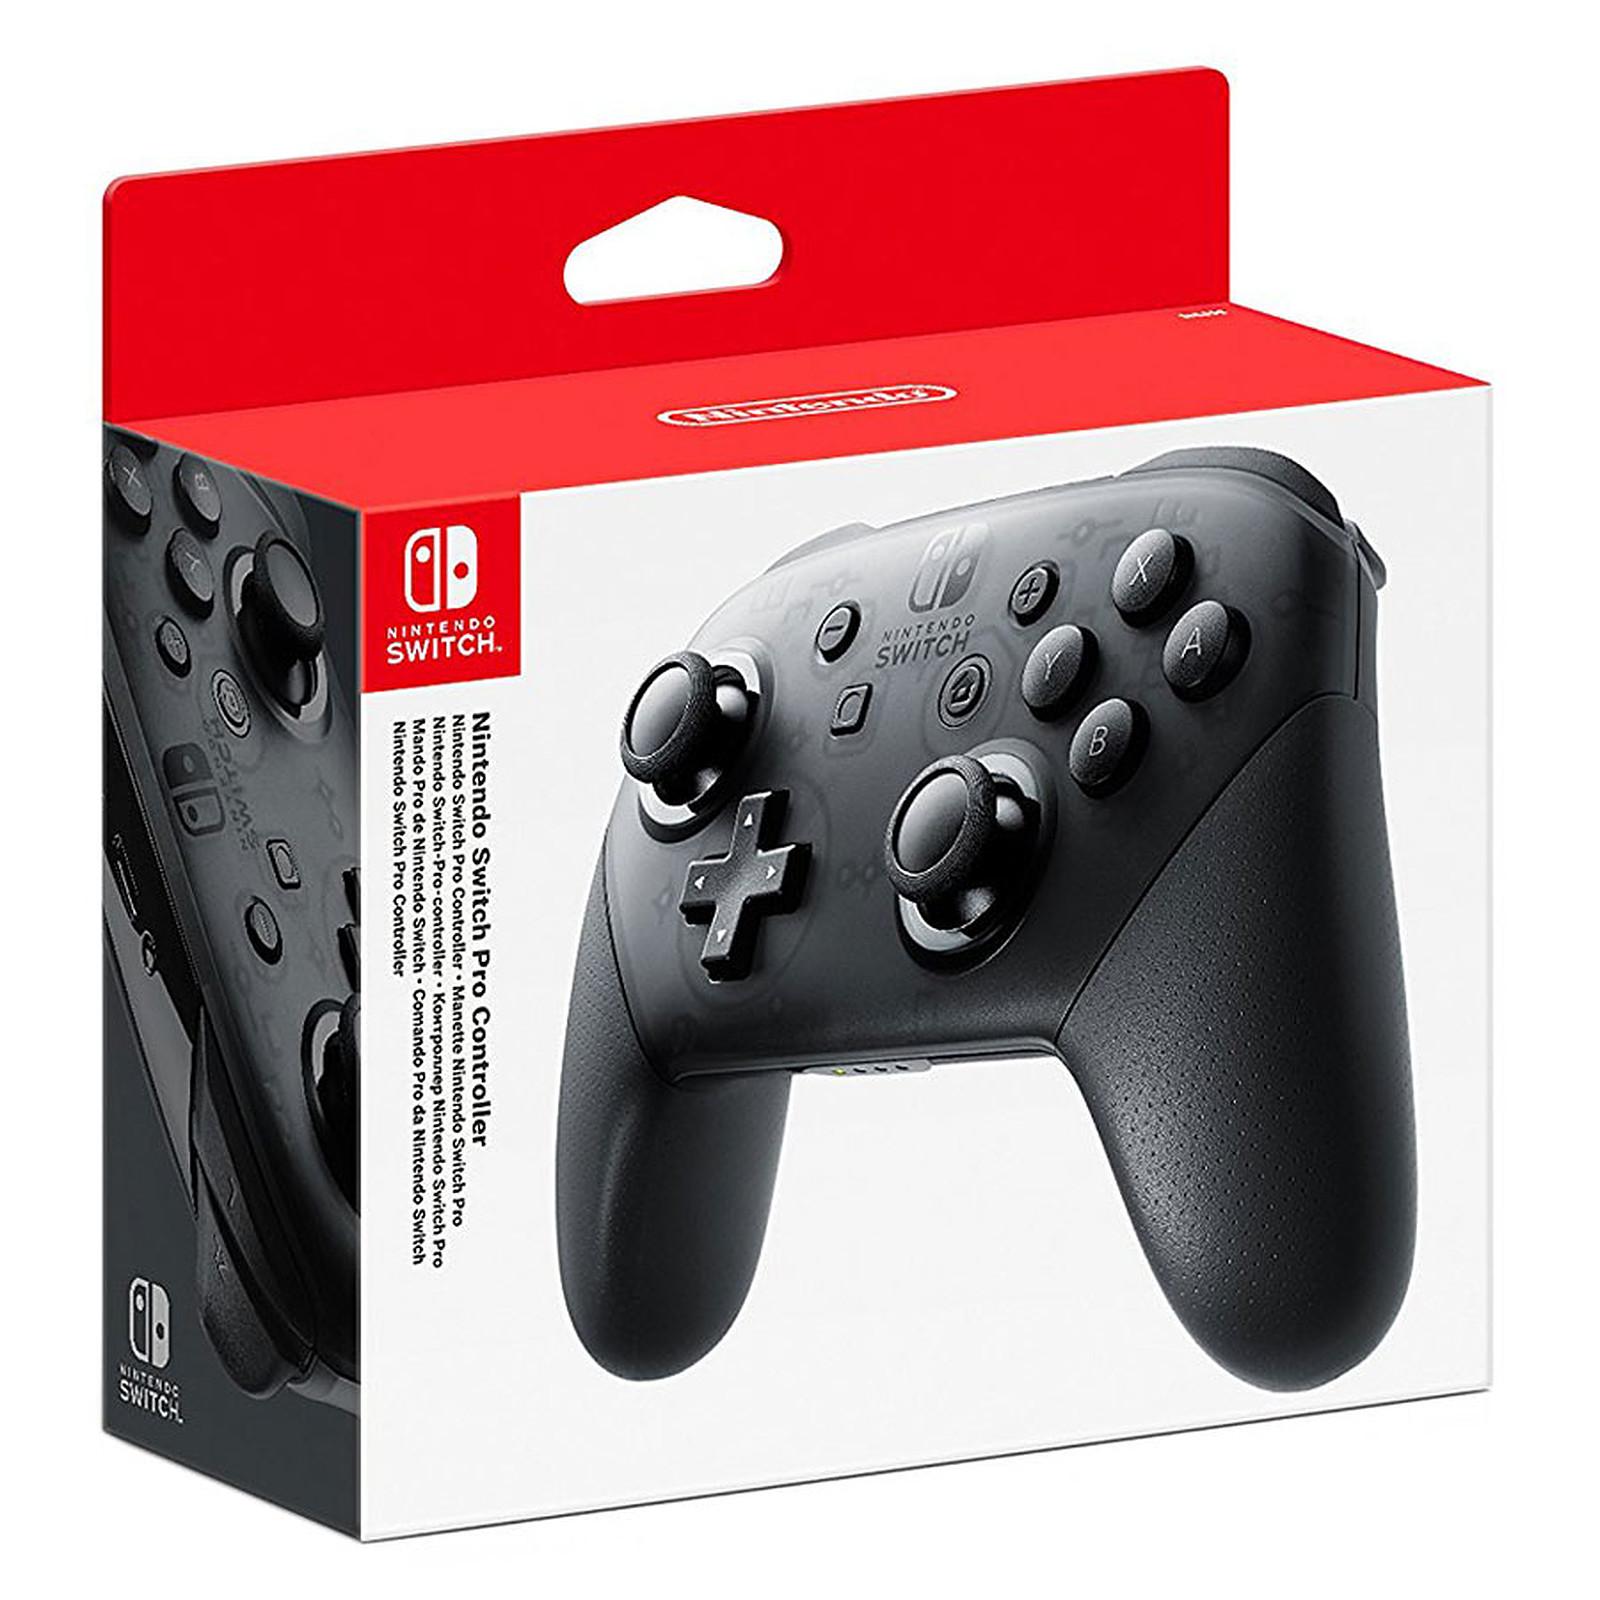 6523ec8259e Nintendo Switch Pro - Accessoires Nintendo Switch Nintendo sur LDLC.com